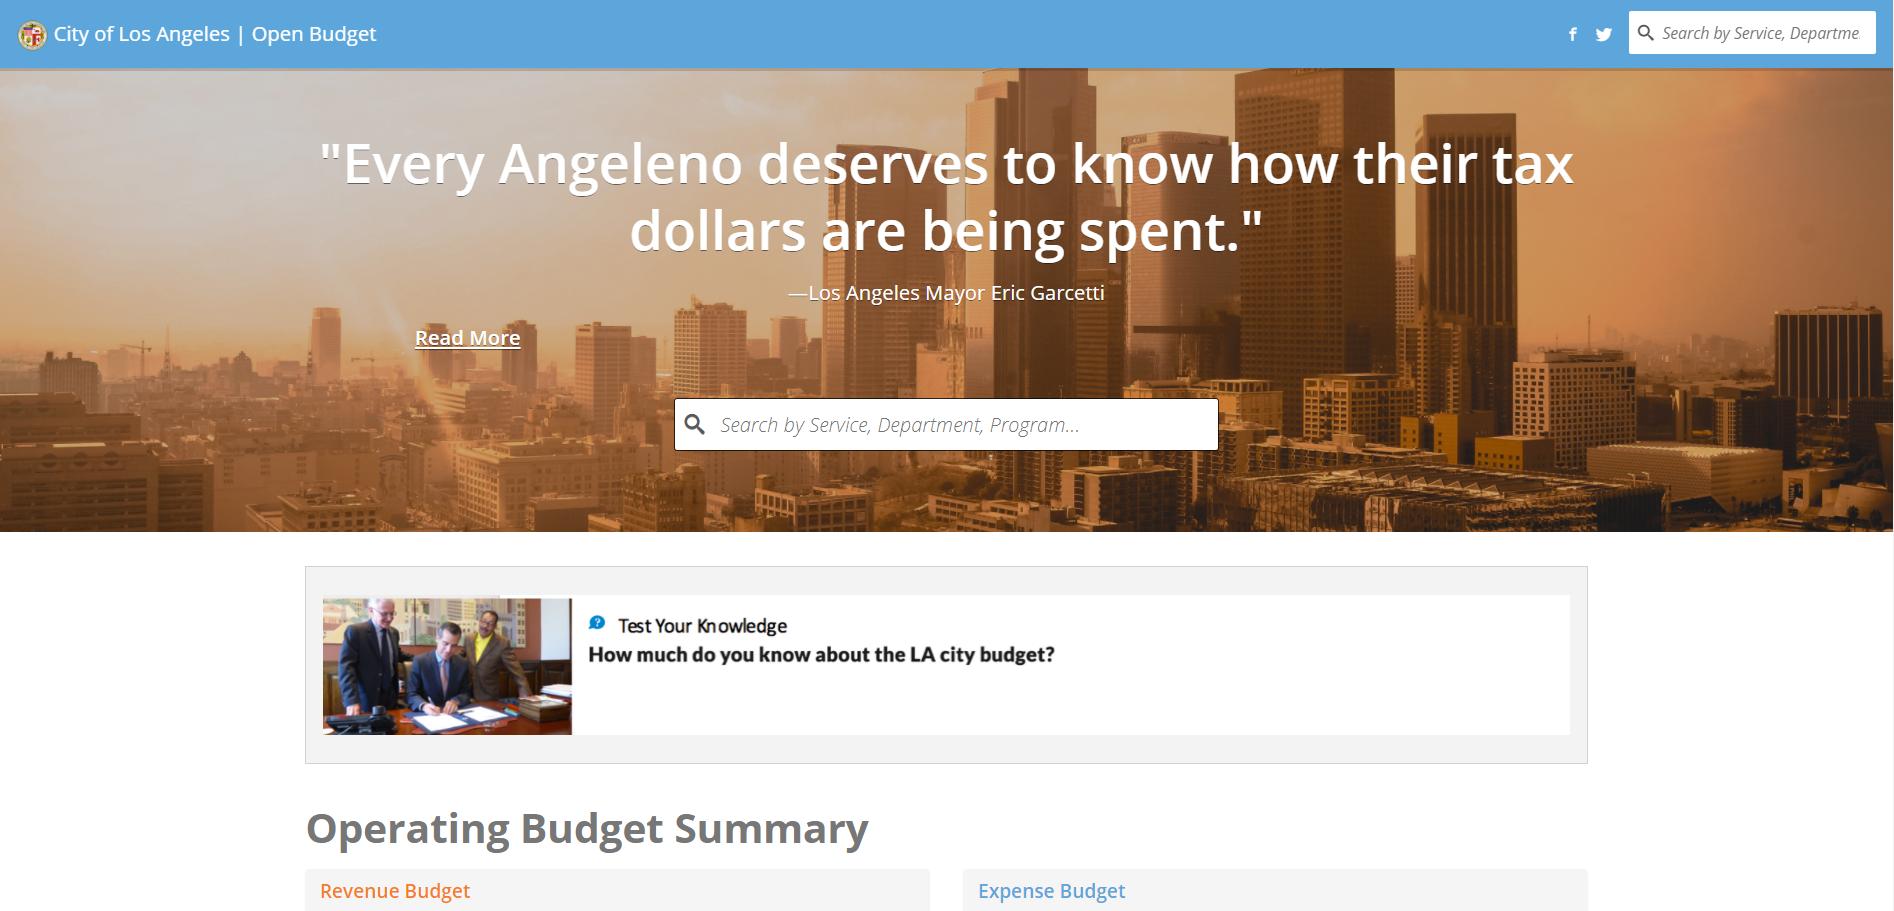 LA open budget site screenshot